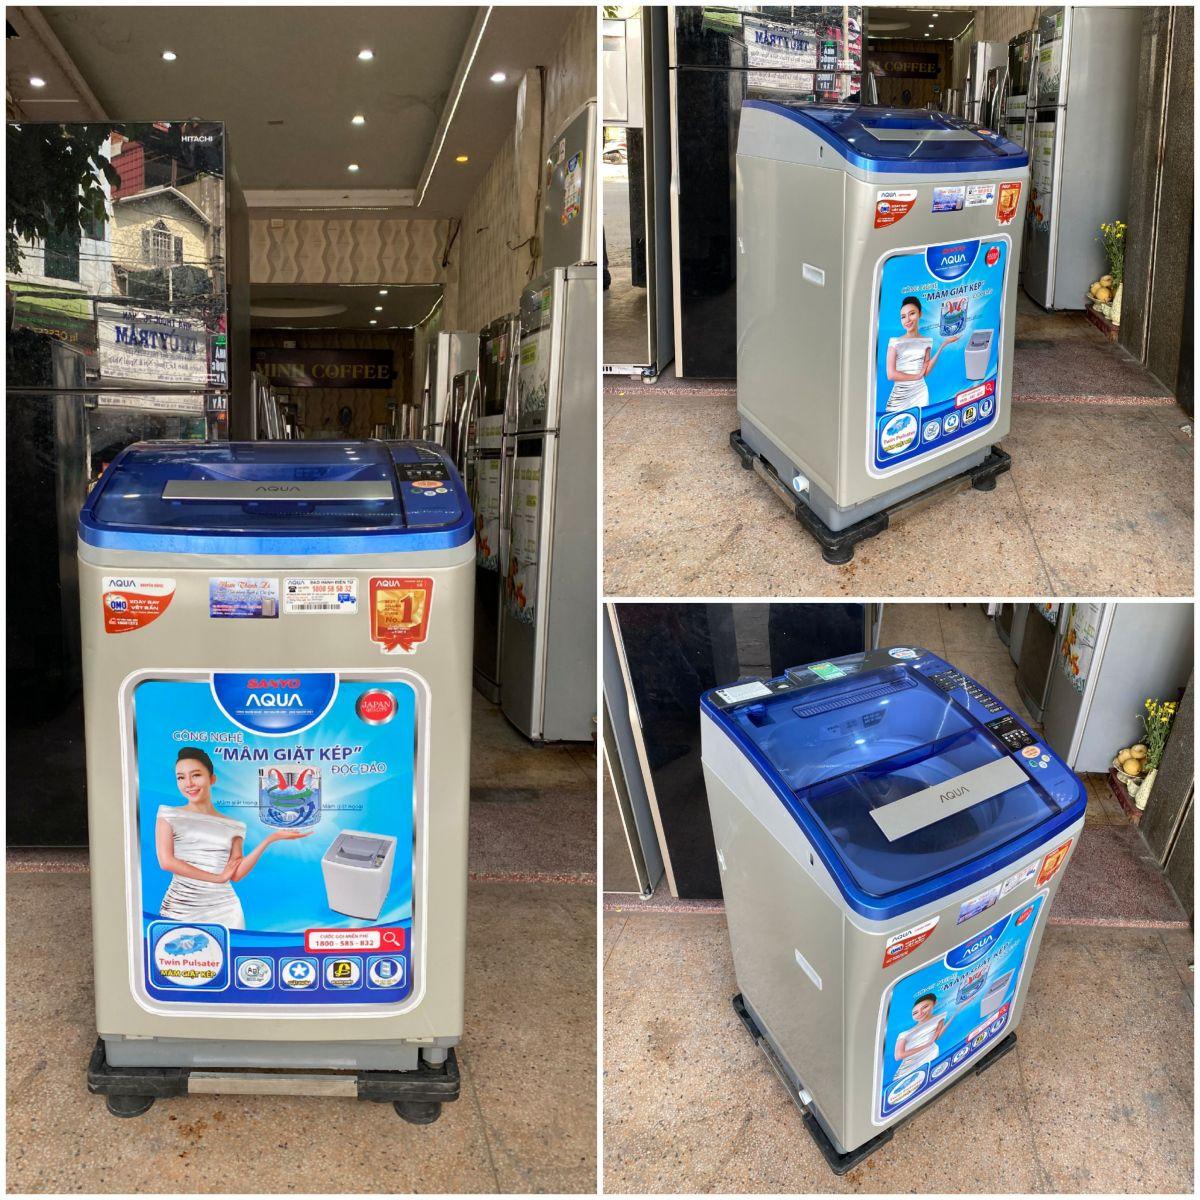 Máy Giặt Aqua lồng nghiêng 8kg cao cấp